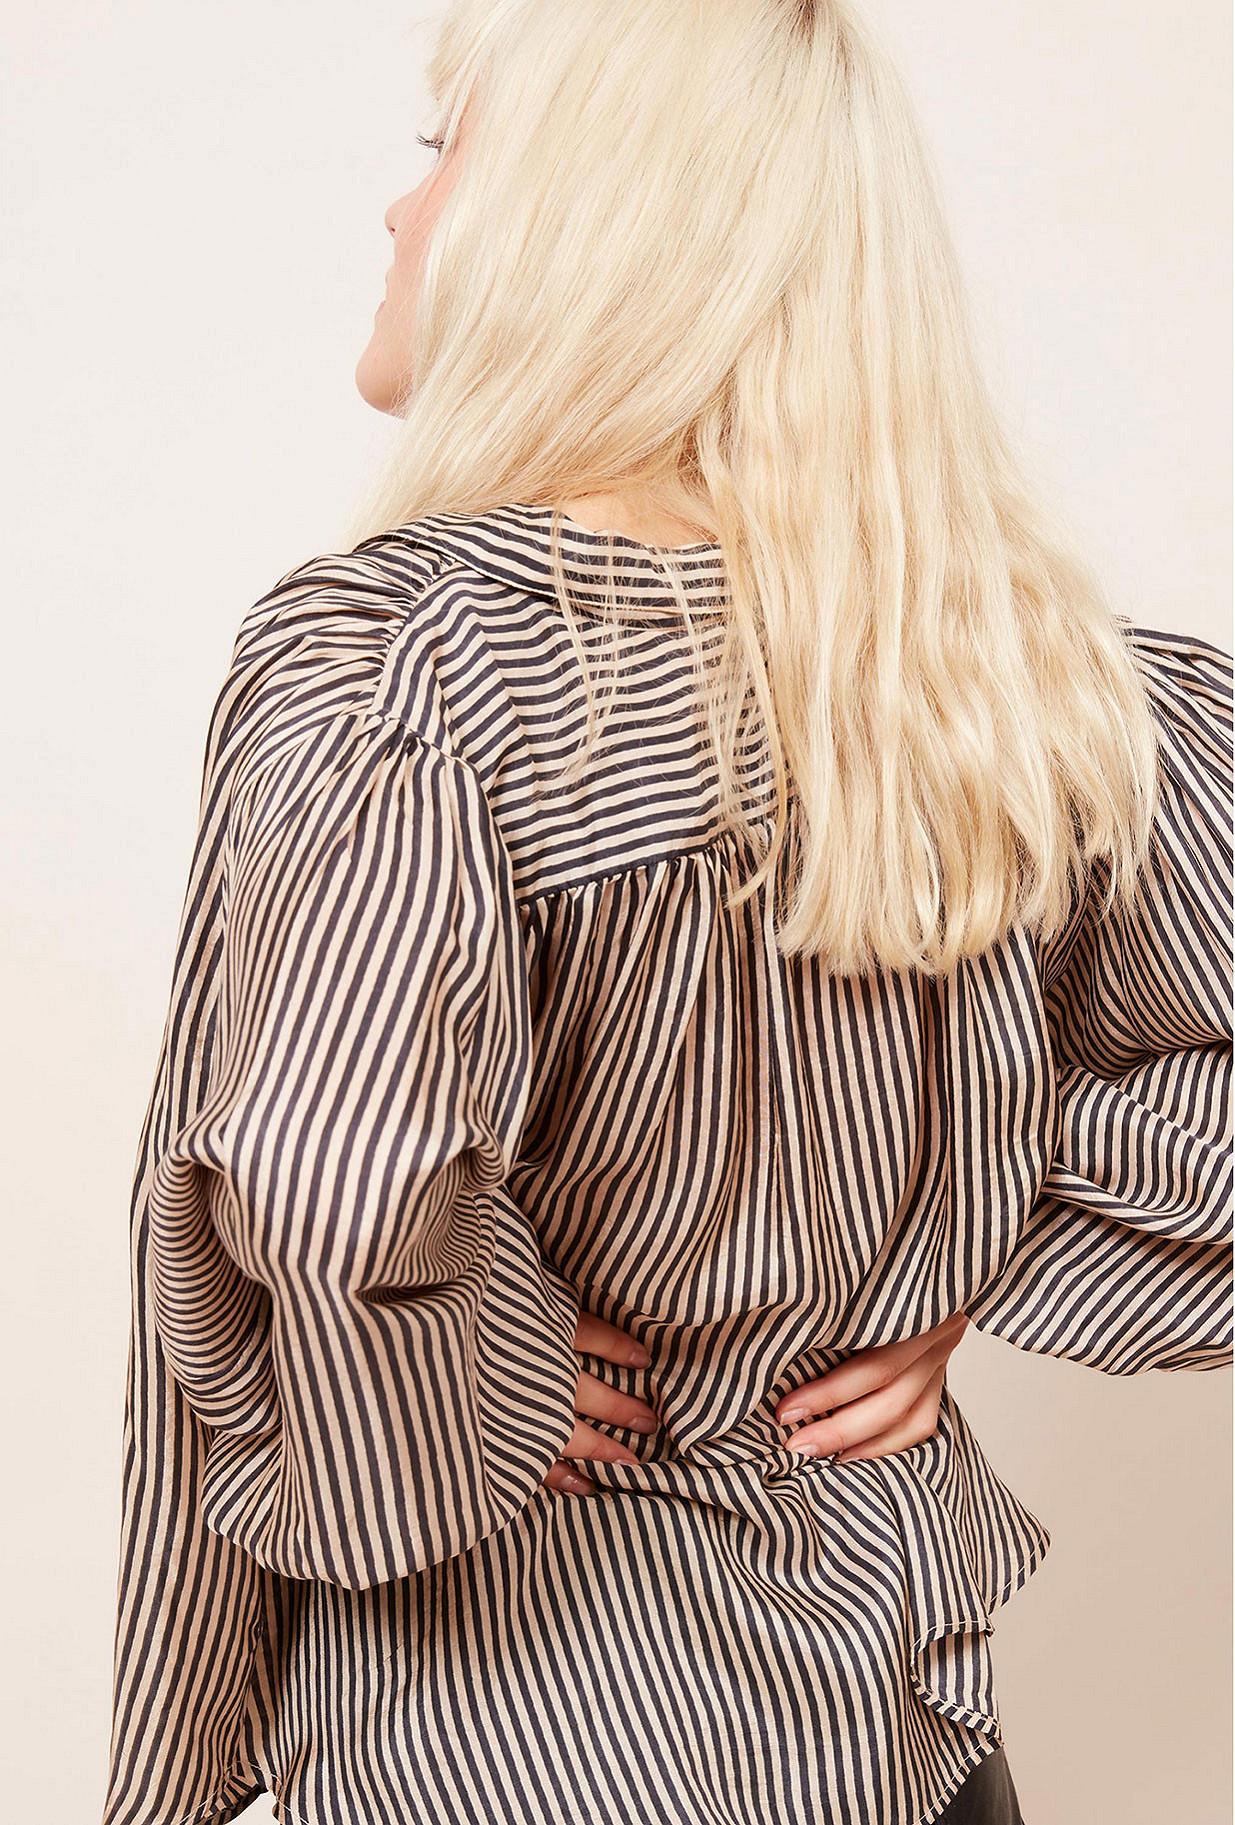 Paris clothes store Blouse  Bartholome french designer fashion Paris